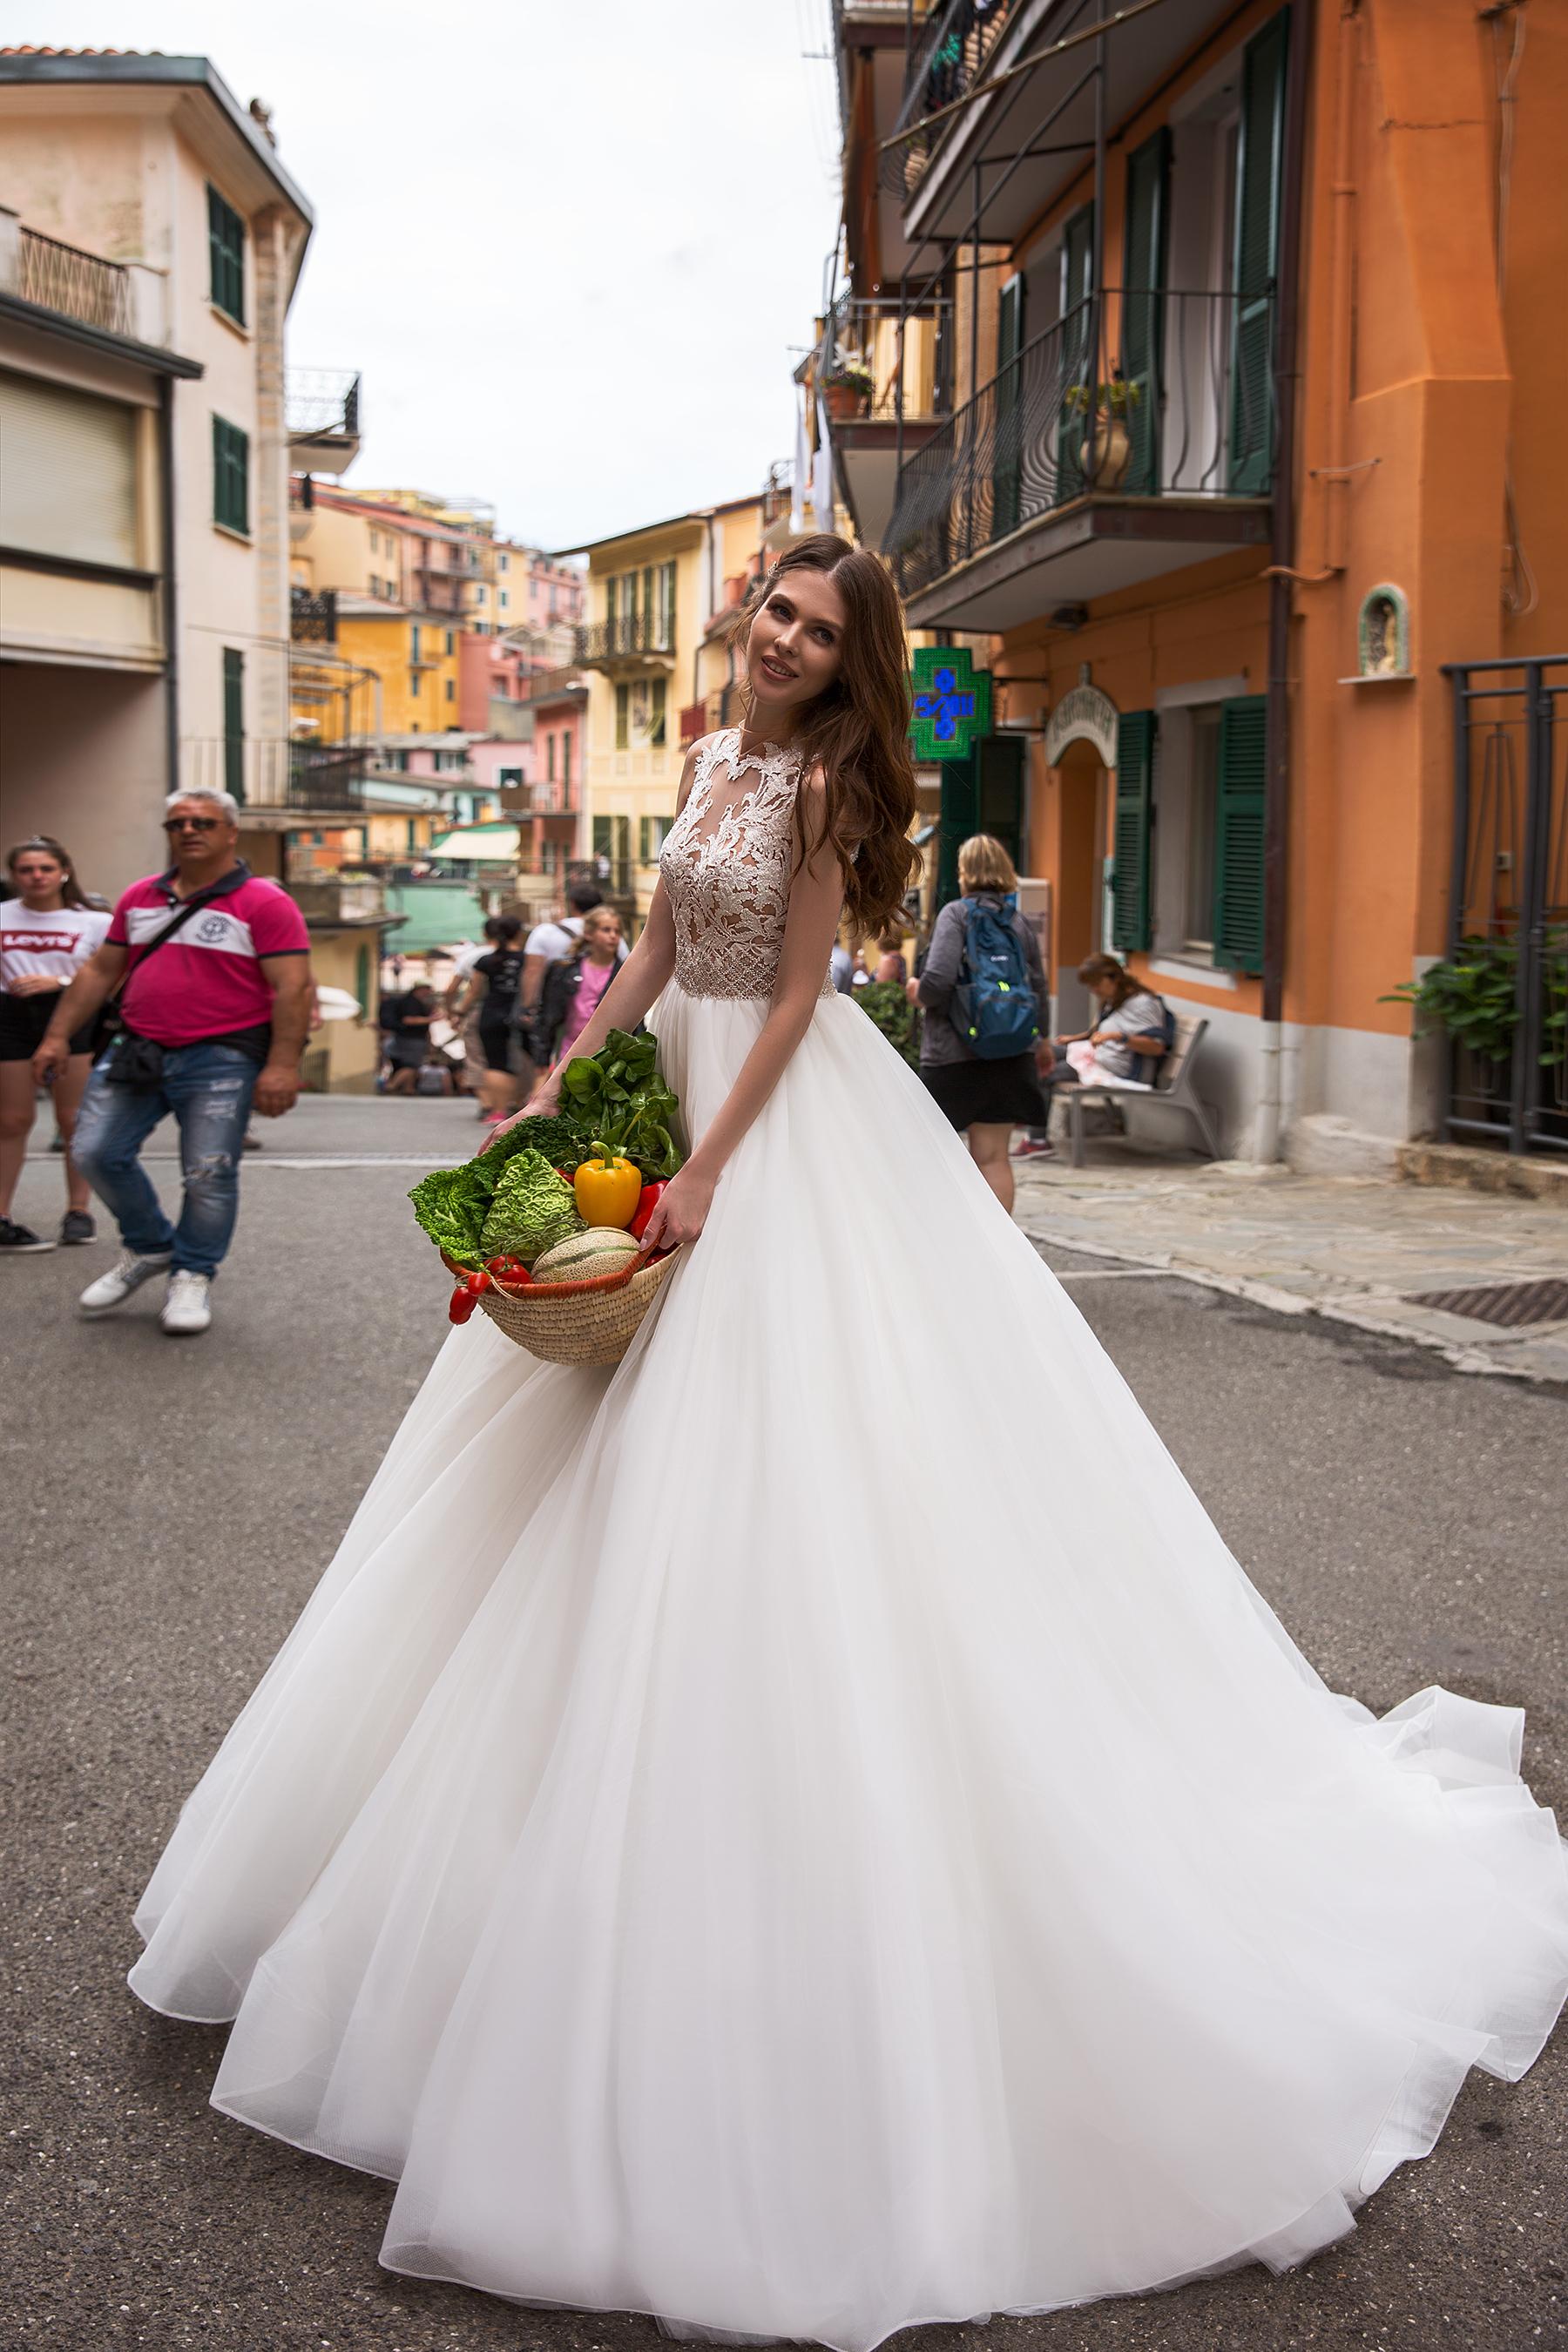 Rochie De Mireasa Bler Sposa Dell Amore Rochii De Mireasa Bucuresti